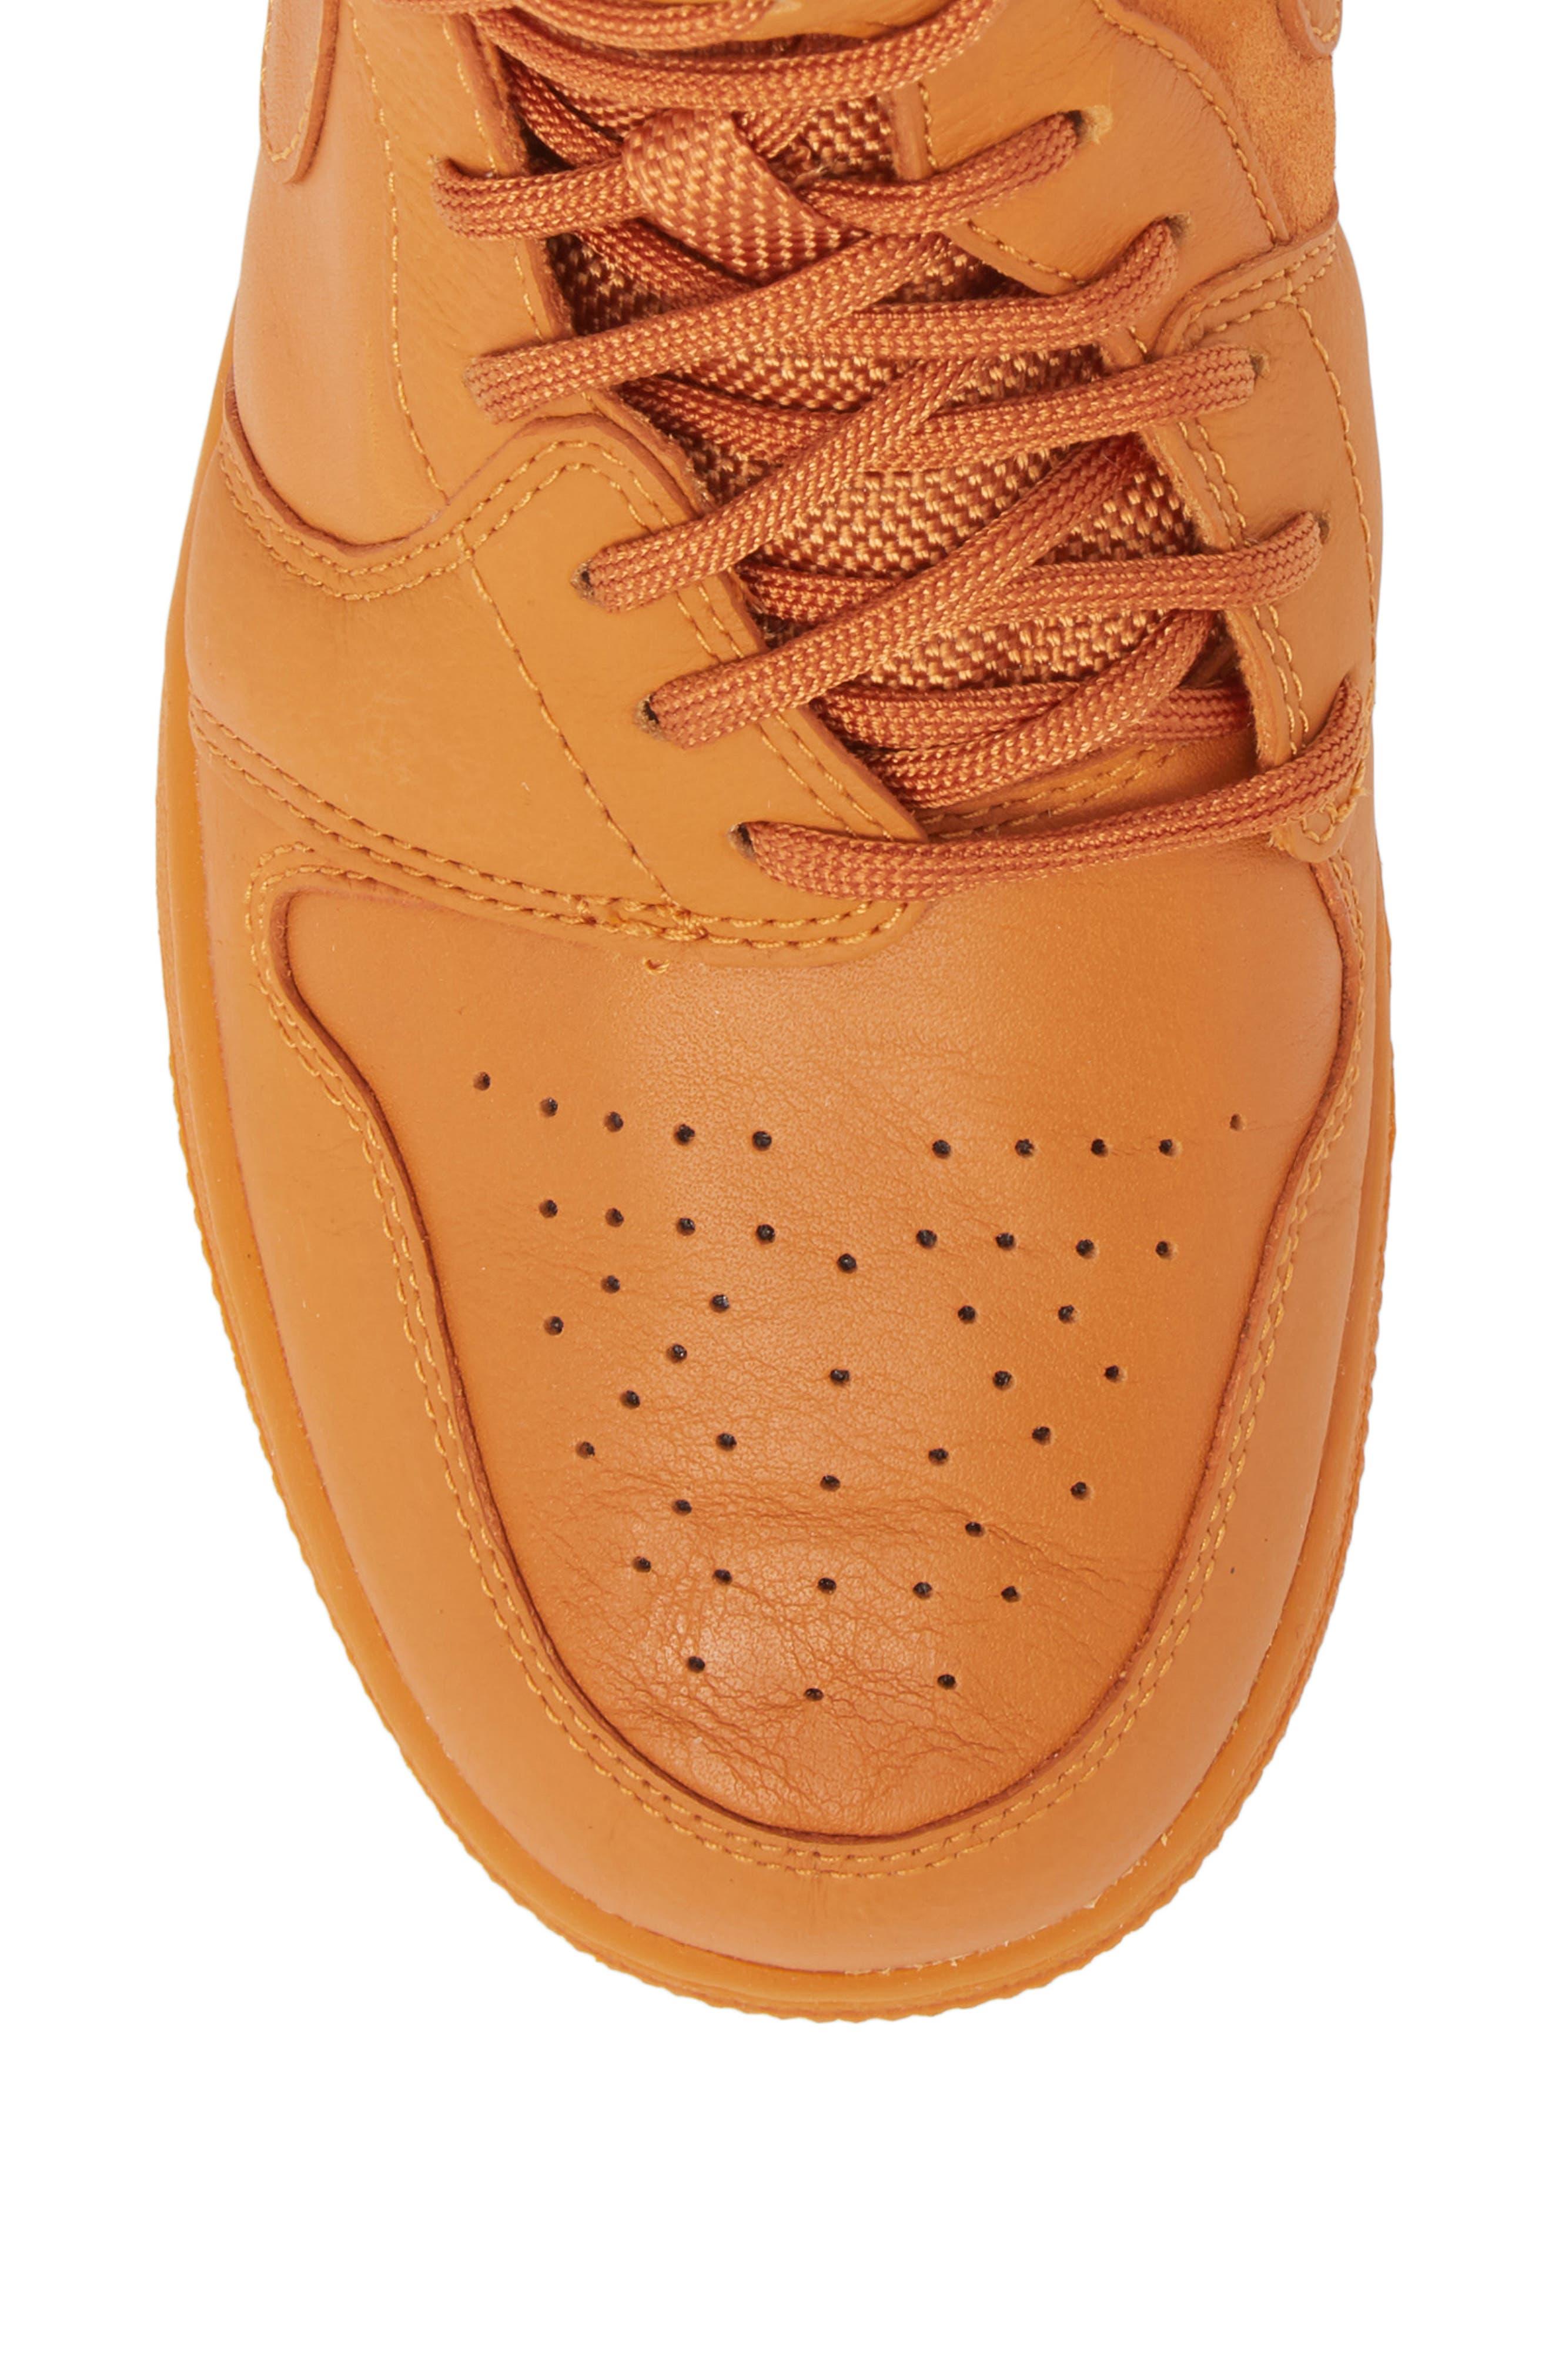 Air Jordan 1 Rebel XX High Top Sneaker,                             Alternate thumbnail 5, color,                             Cinder Orange